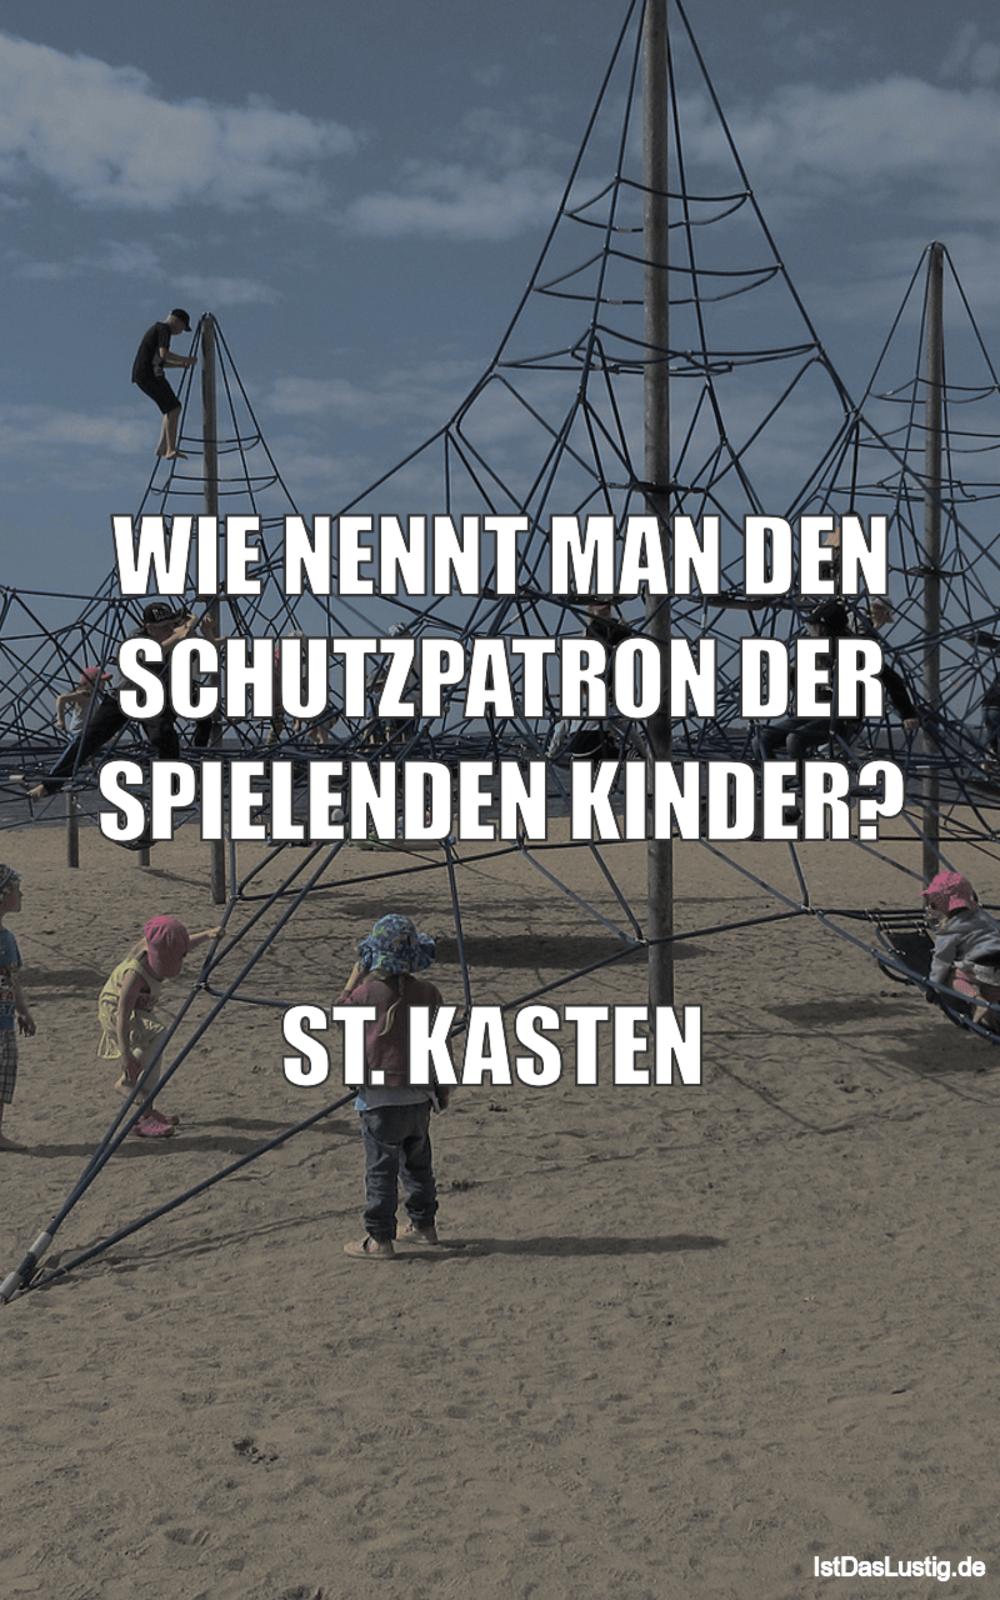 Lustiger BilderSpruch - WIE NENNT MAN DEN SCHUTZPATRON DER SPIELENDEN...